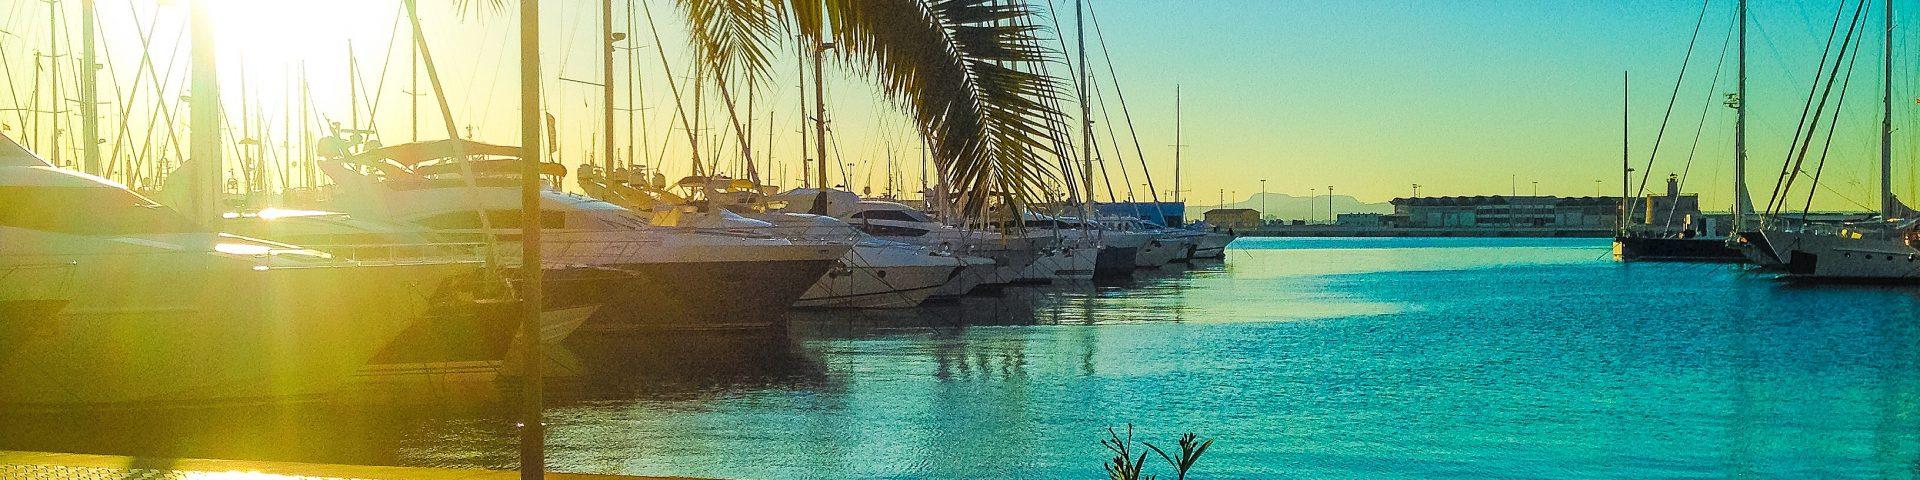 Palma de Mallorca - Inte bara en charteresa 1